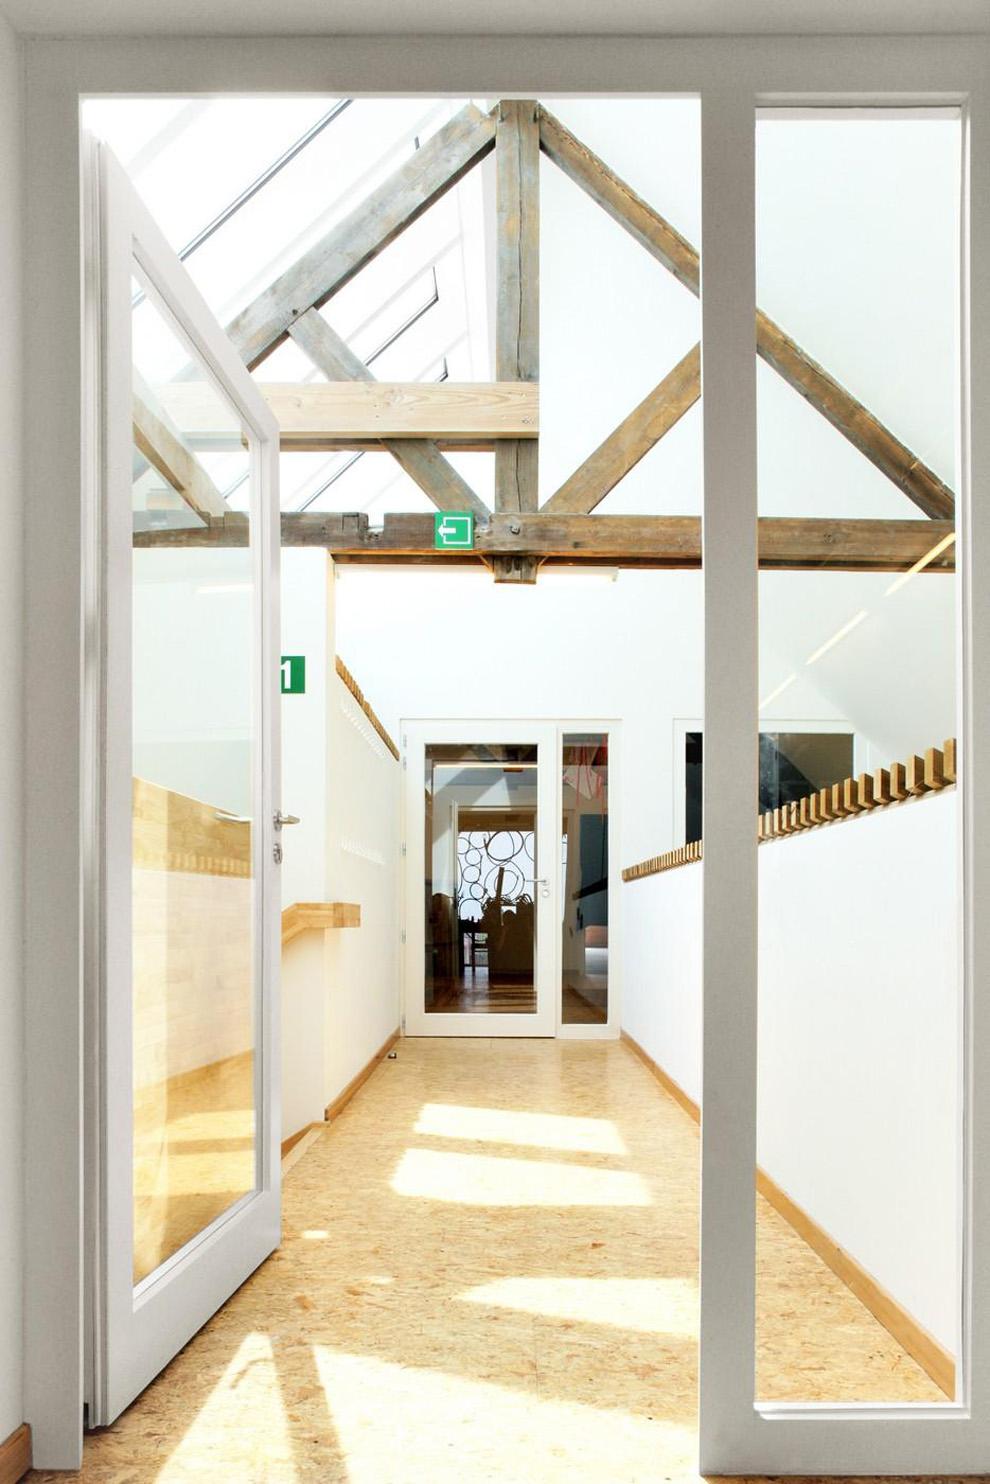 Cultural_centre_woesten-atelier_tom_van_hee-17